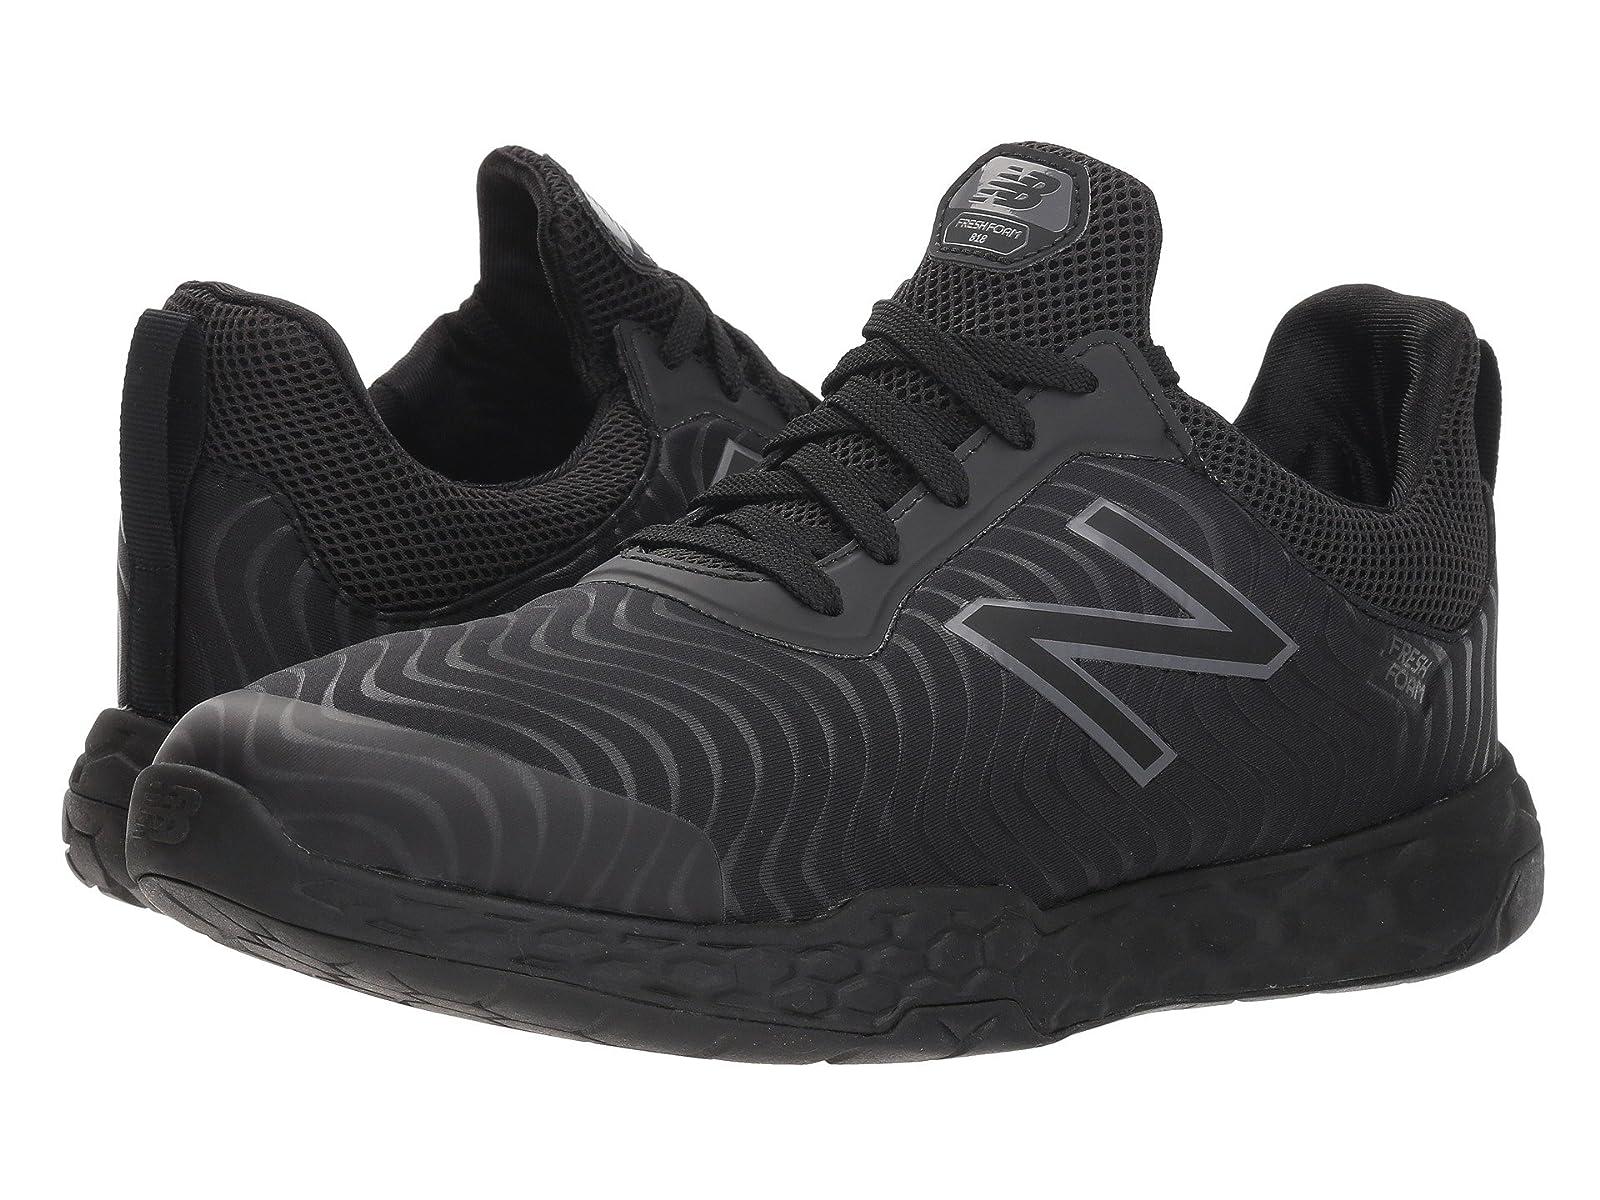 New Balance MX818v3 TrainingAtmospheric grades have affordable shoes